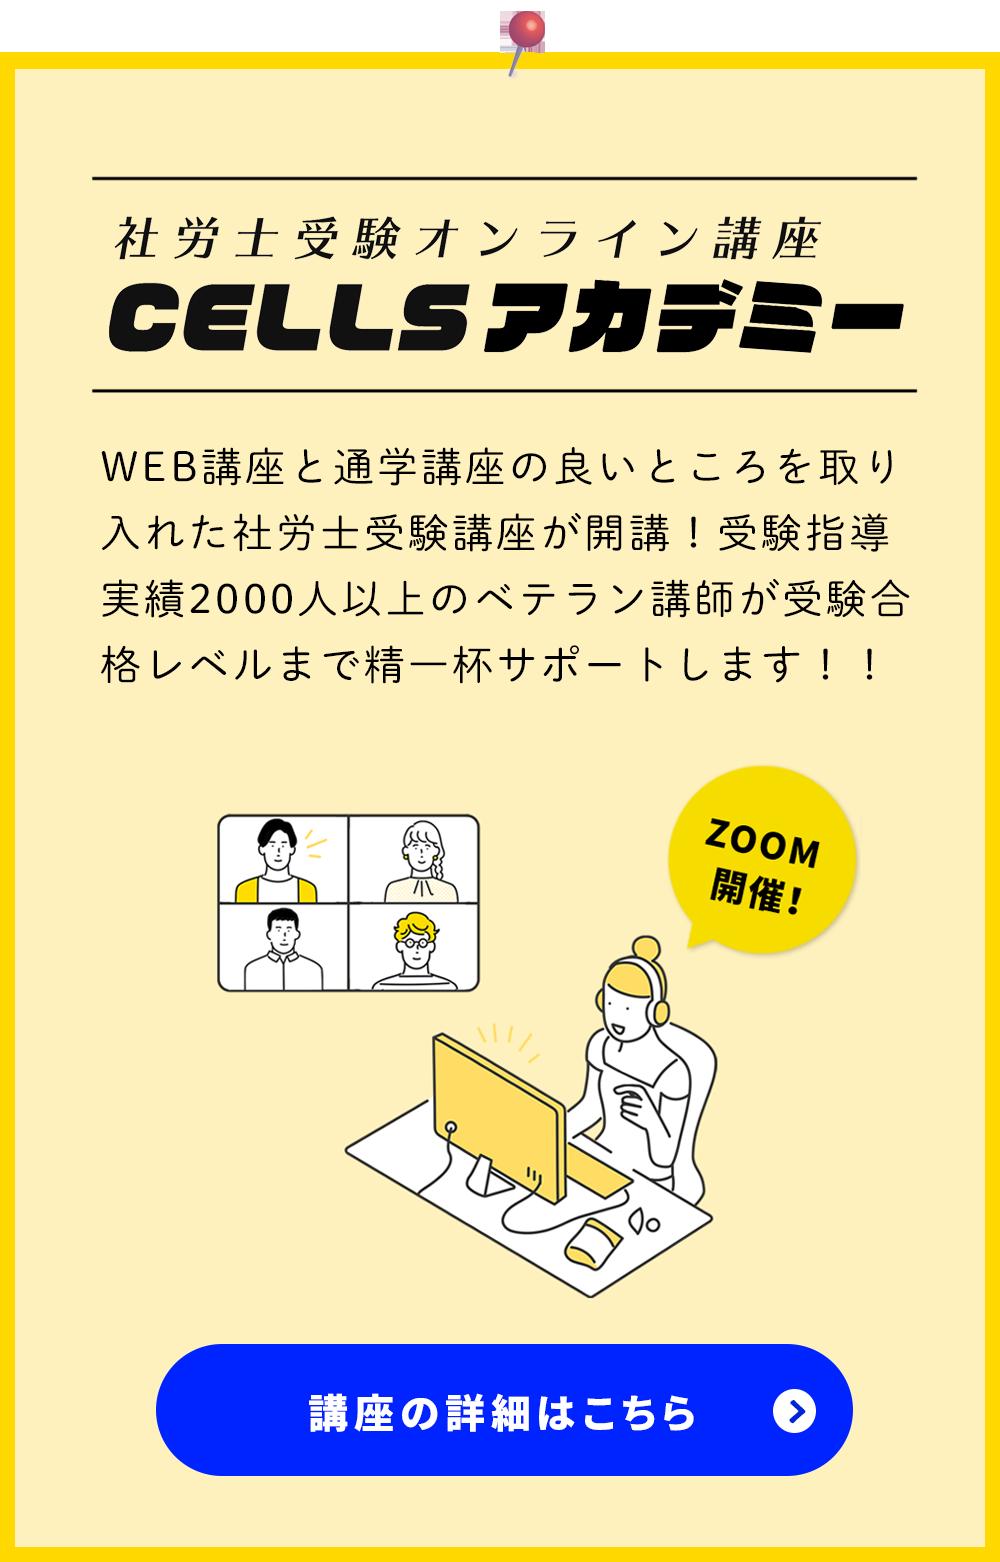 CELLSアカデミー